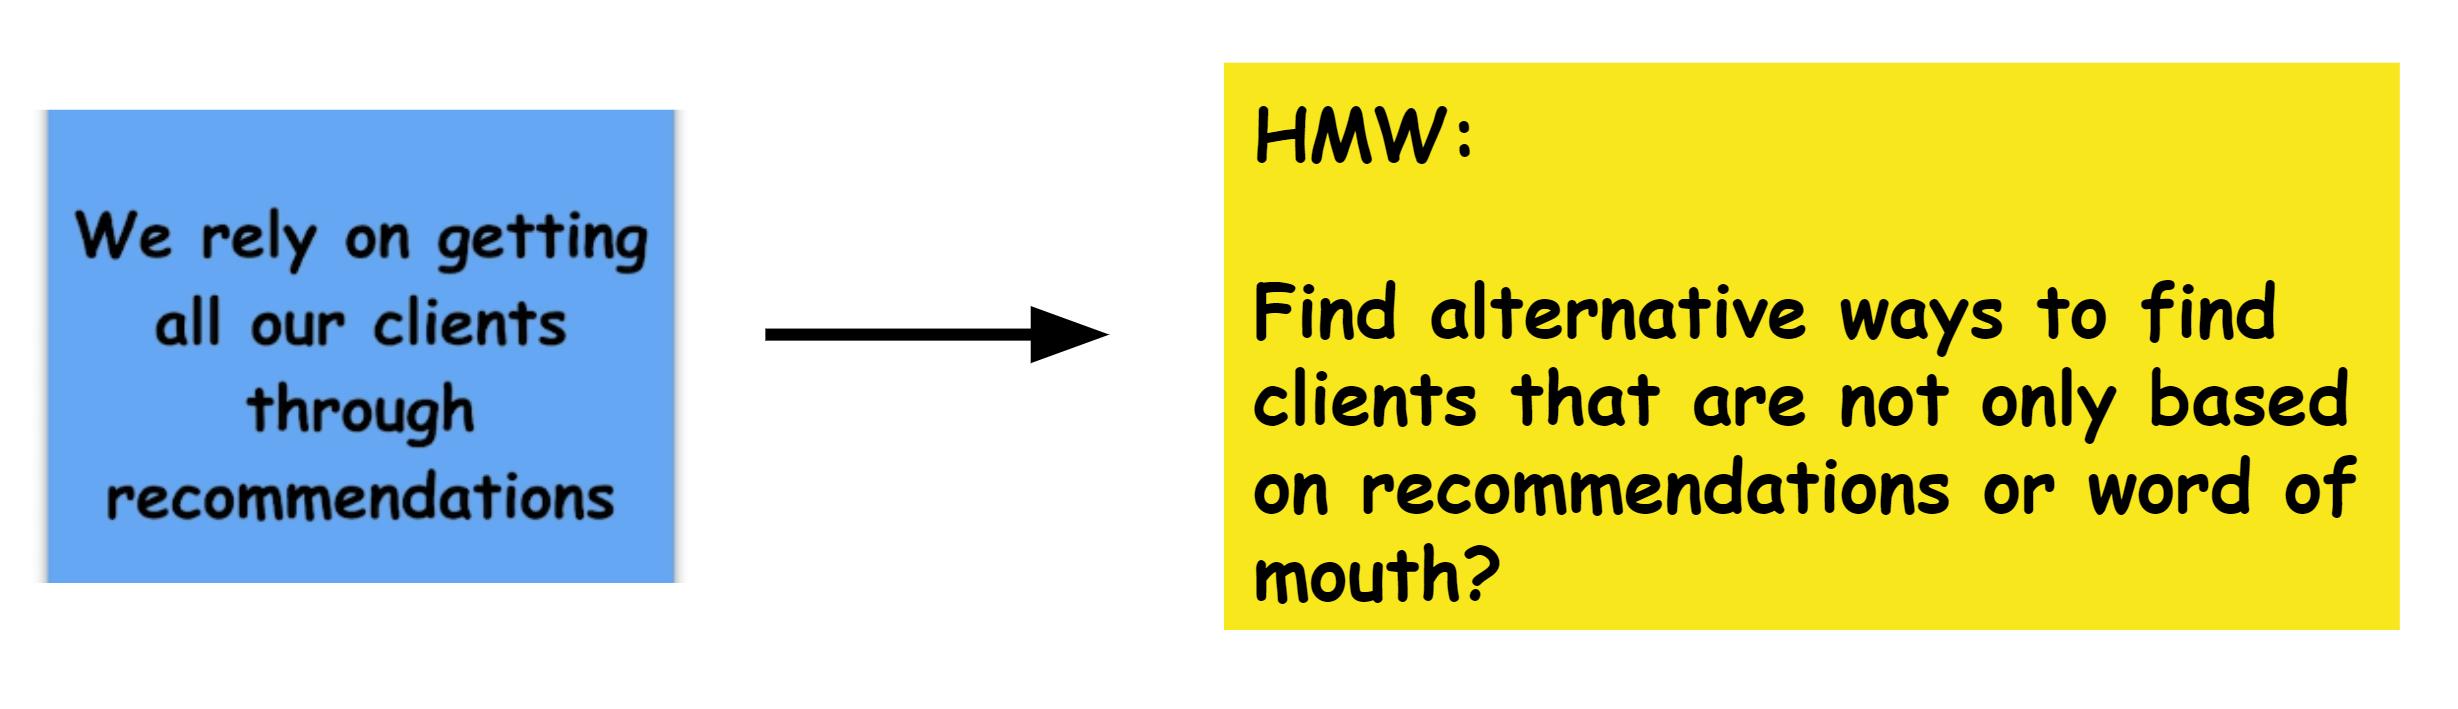 Example HMW statement